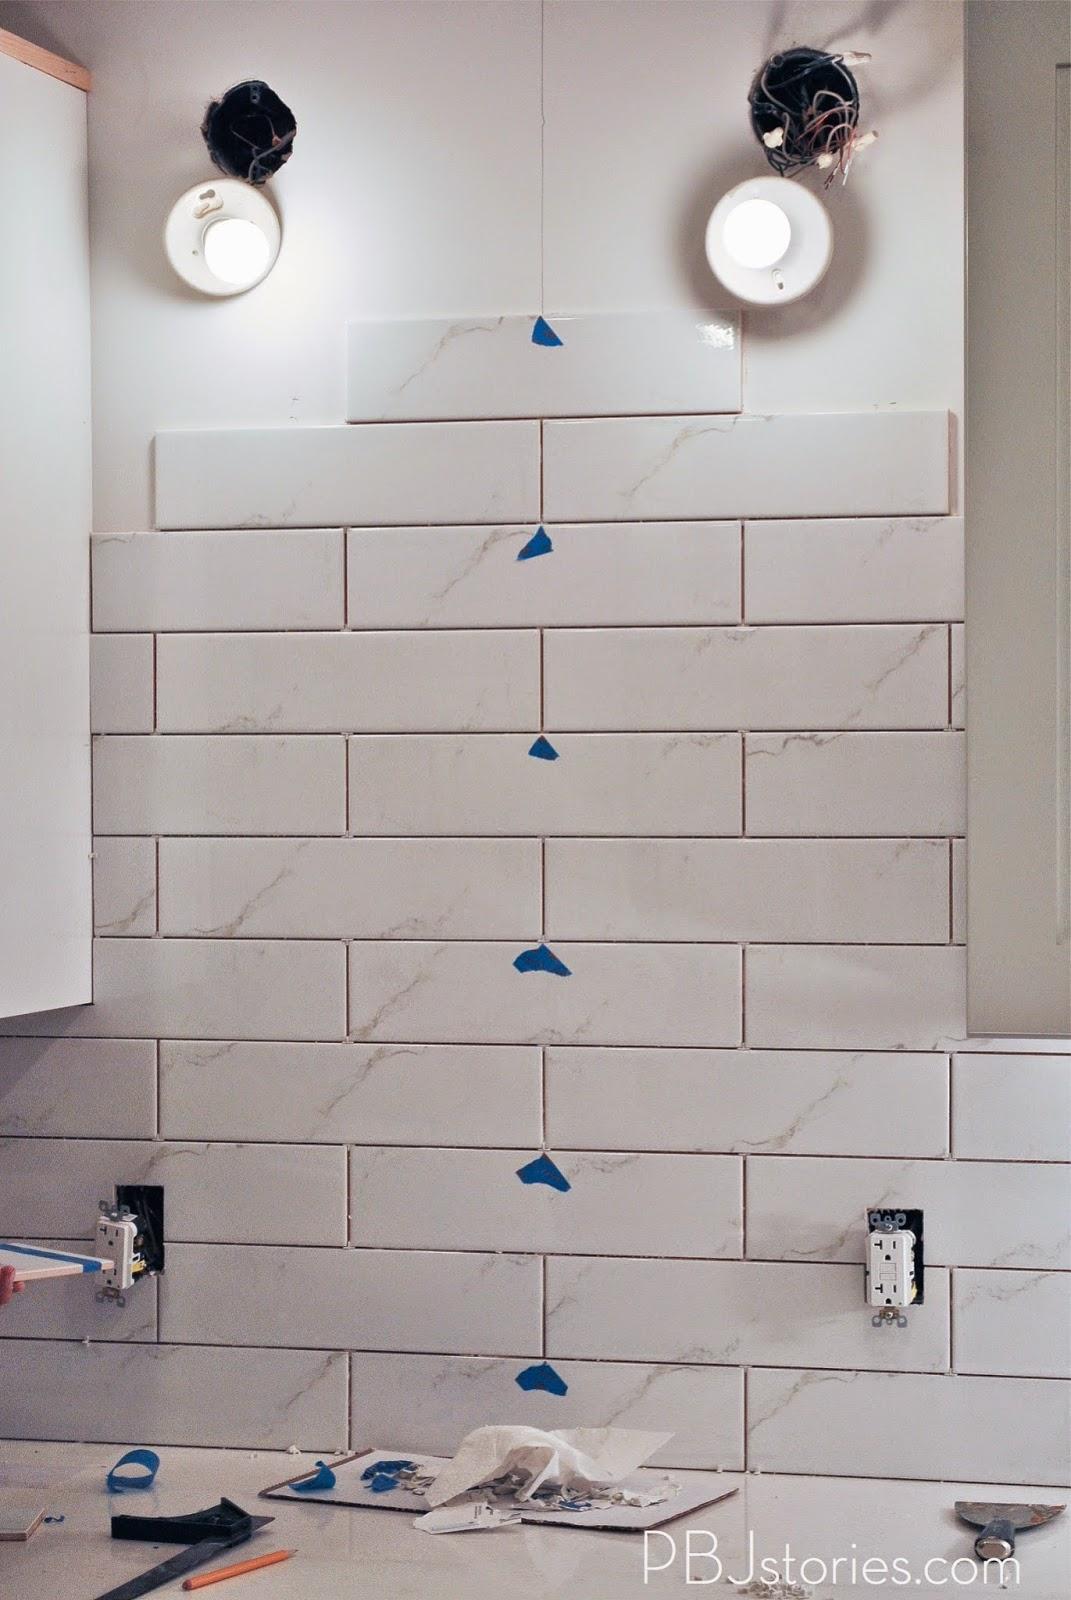 Pbjstories Installing Subway Tile For Kitchen Backsplash